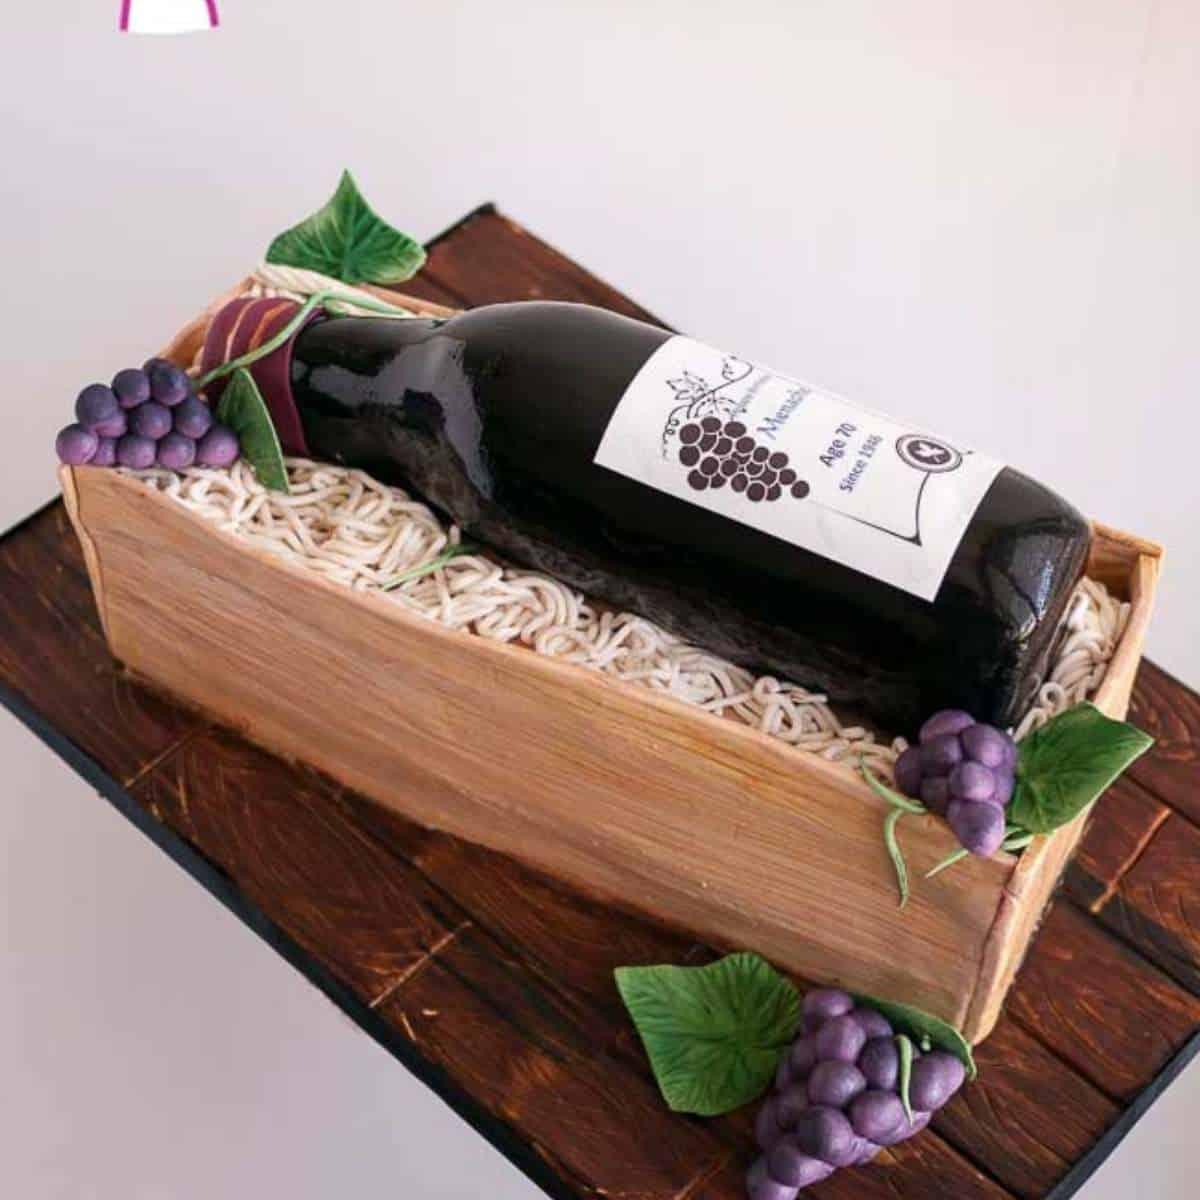 wine bottle cake on a cake board.